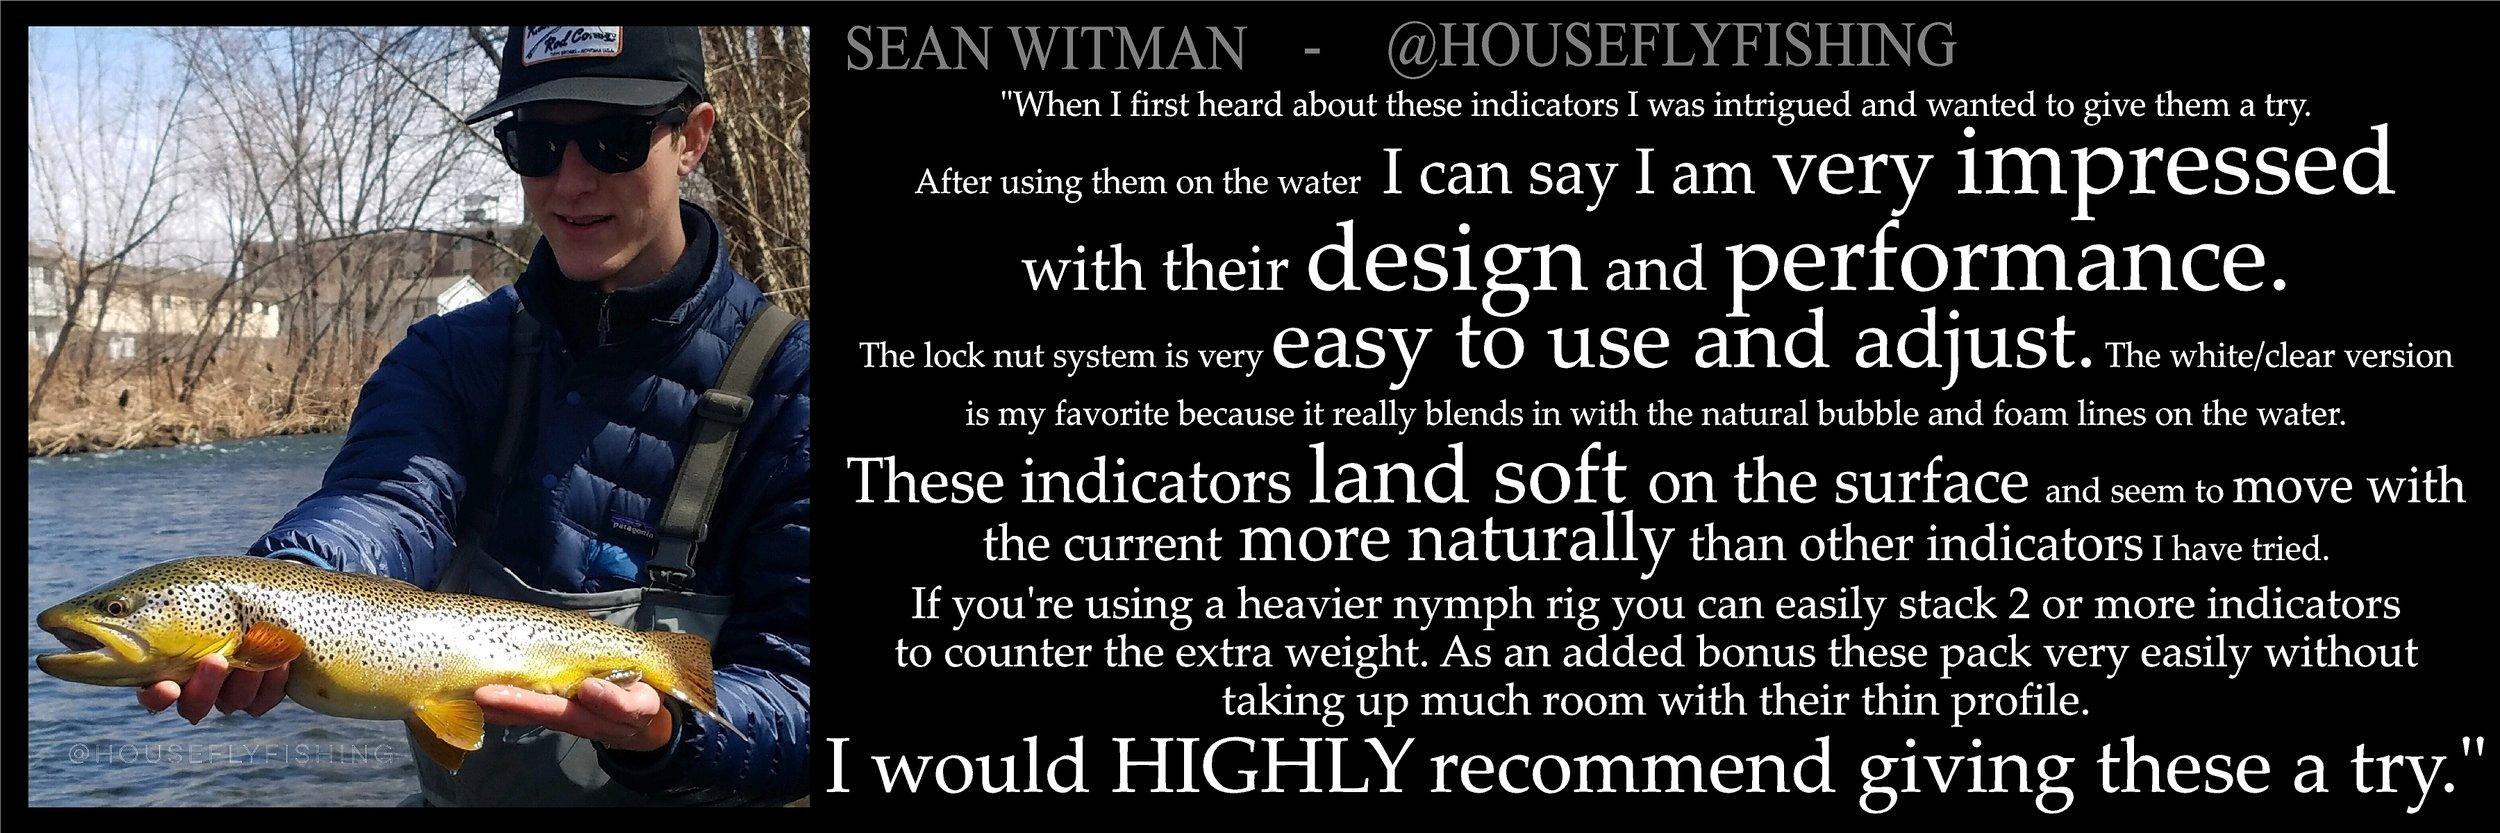 Ghostech testimonial rotator_06242019_Sean Witman.jpg